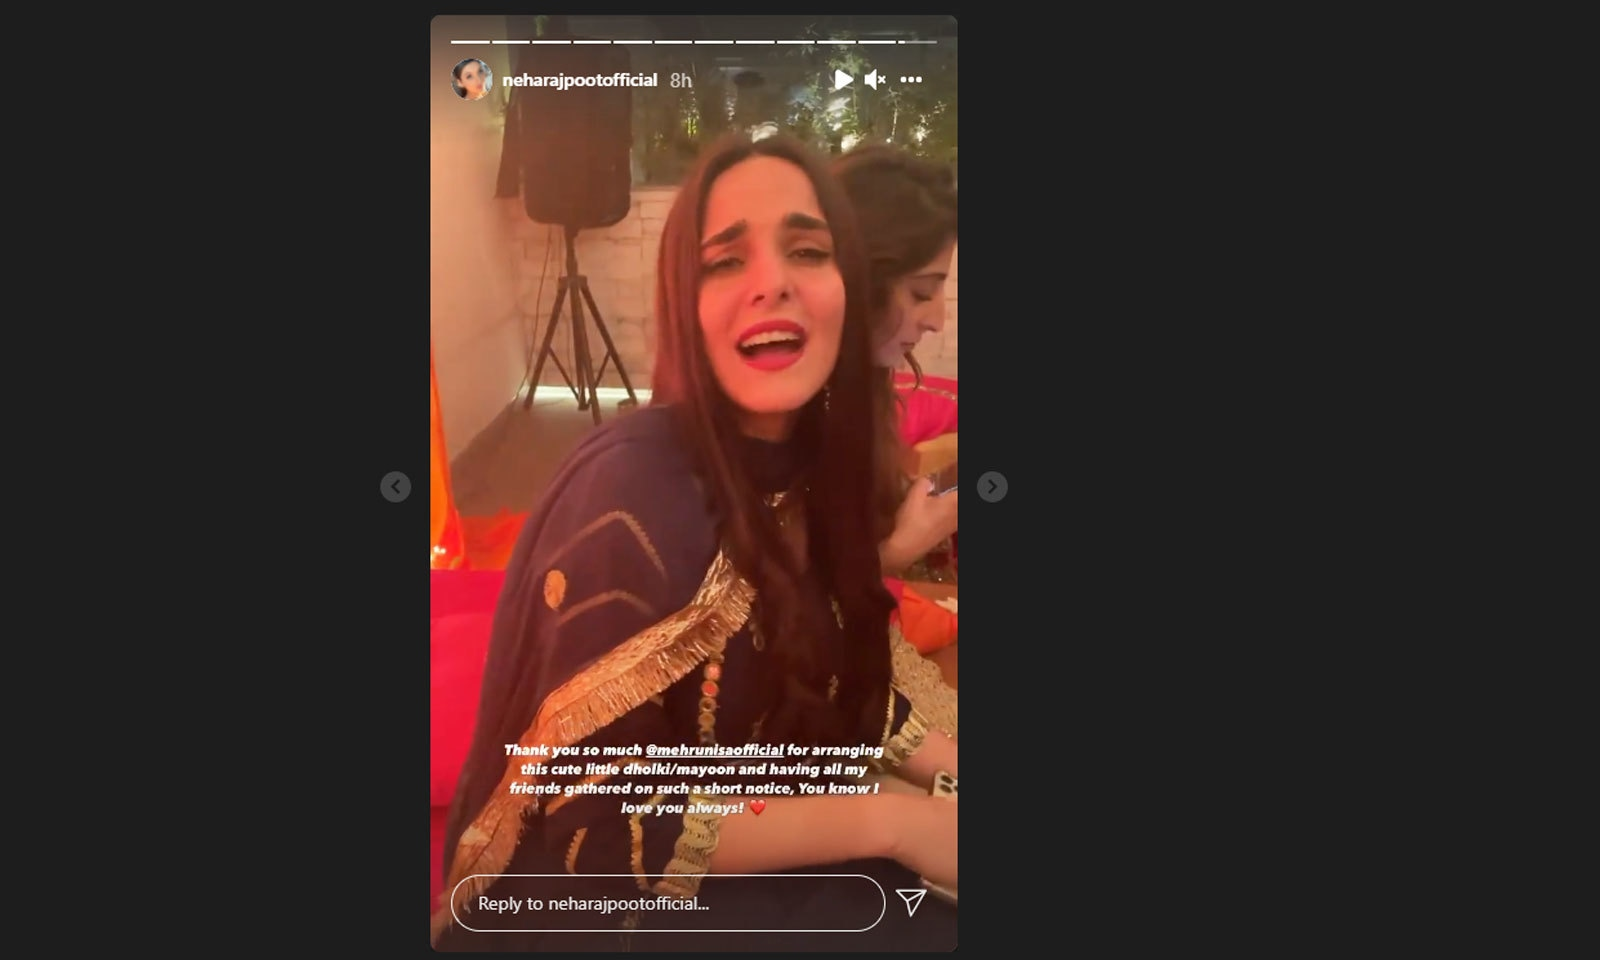 نیہا راجپوت نے انسٹاگرام اسٹوریز میں ویڈیوز اور تصاویر شیئر کیں—اسکرین شاٹ